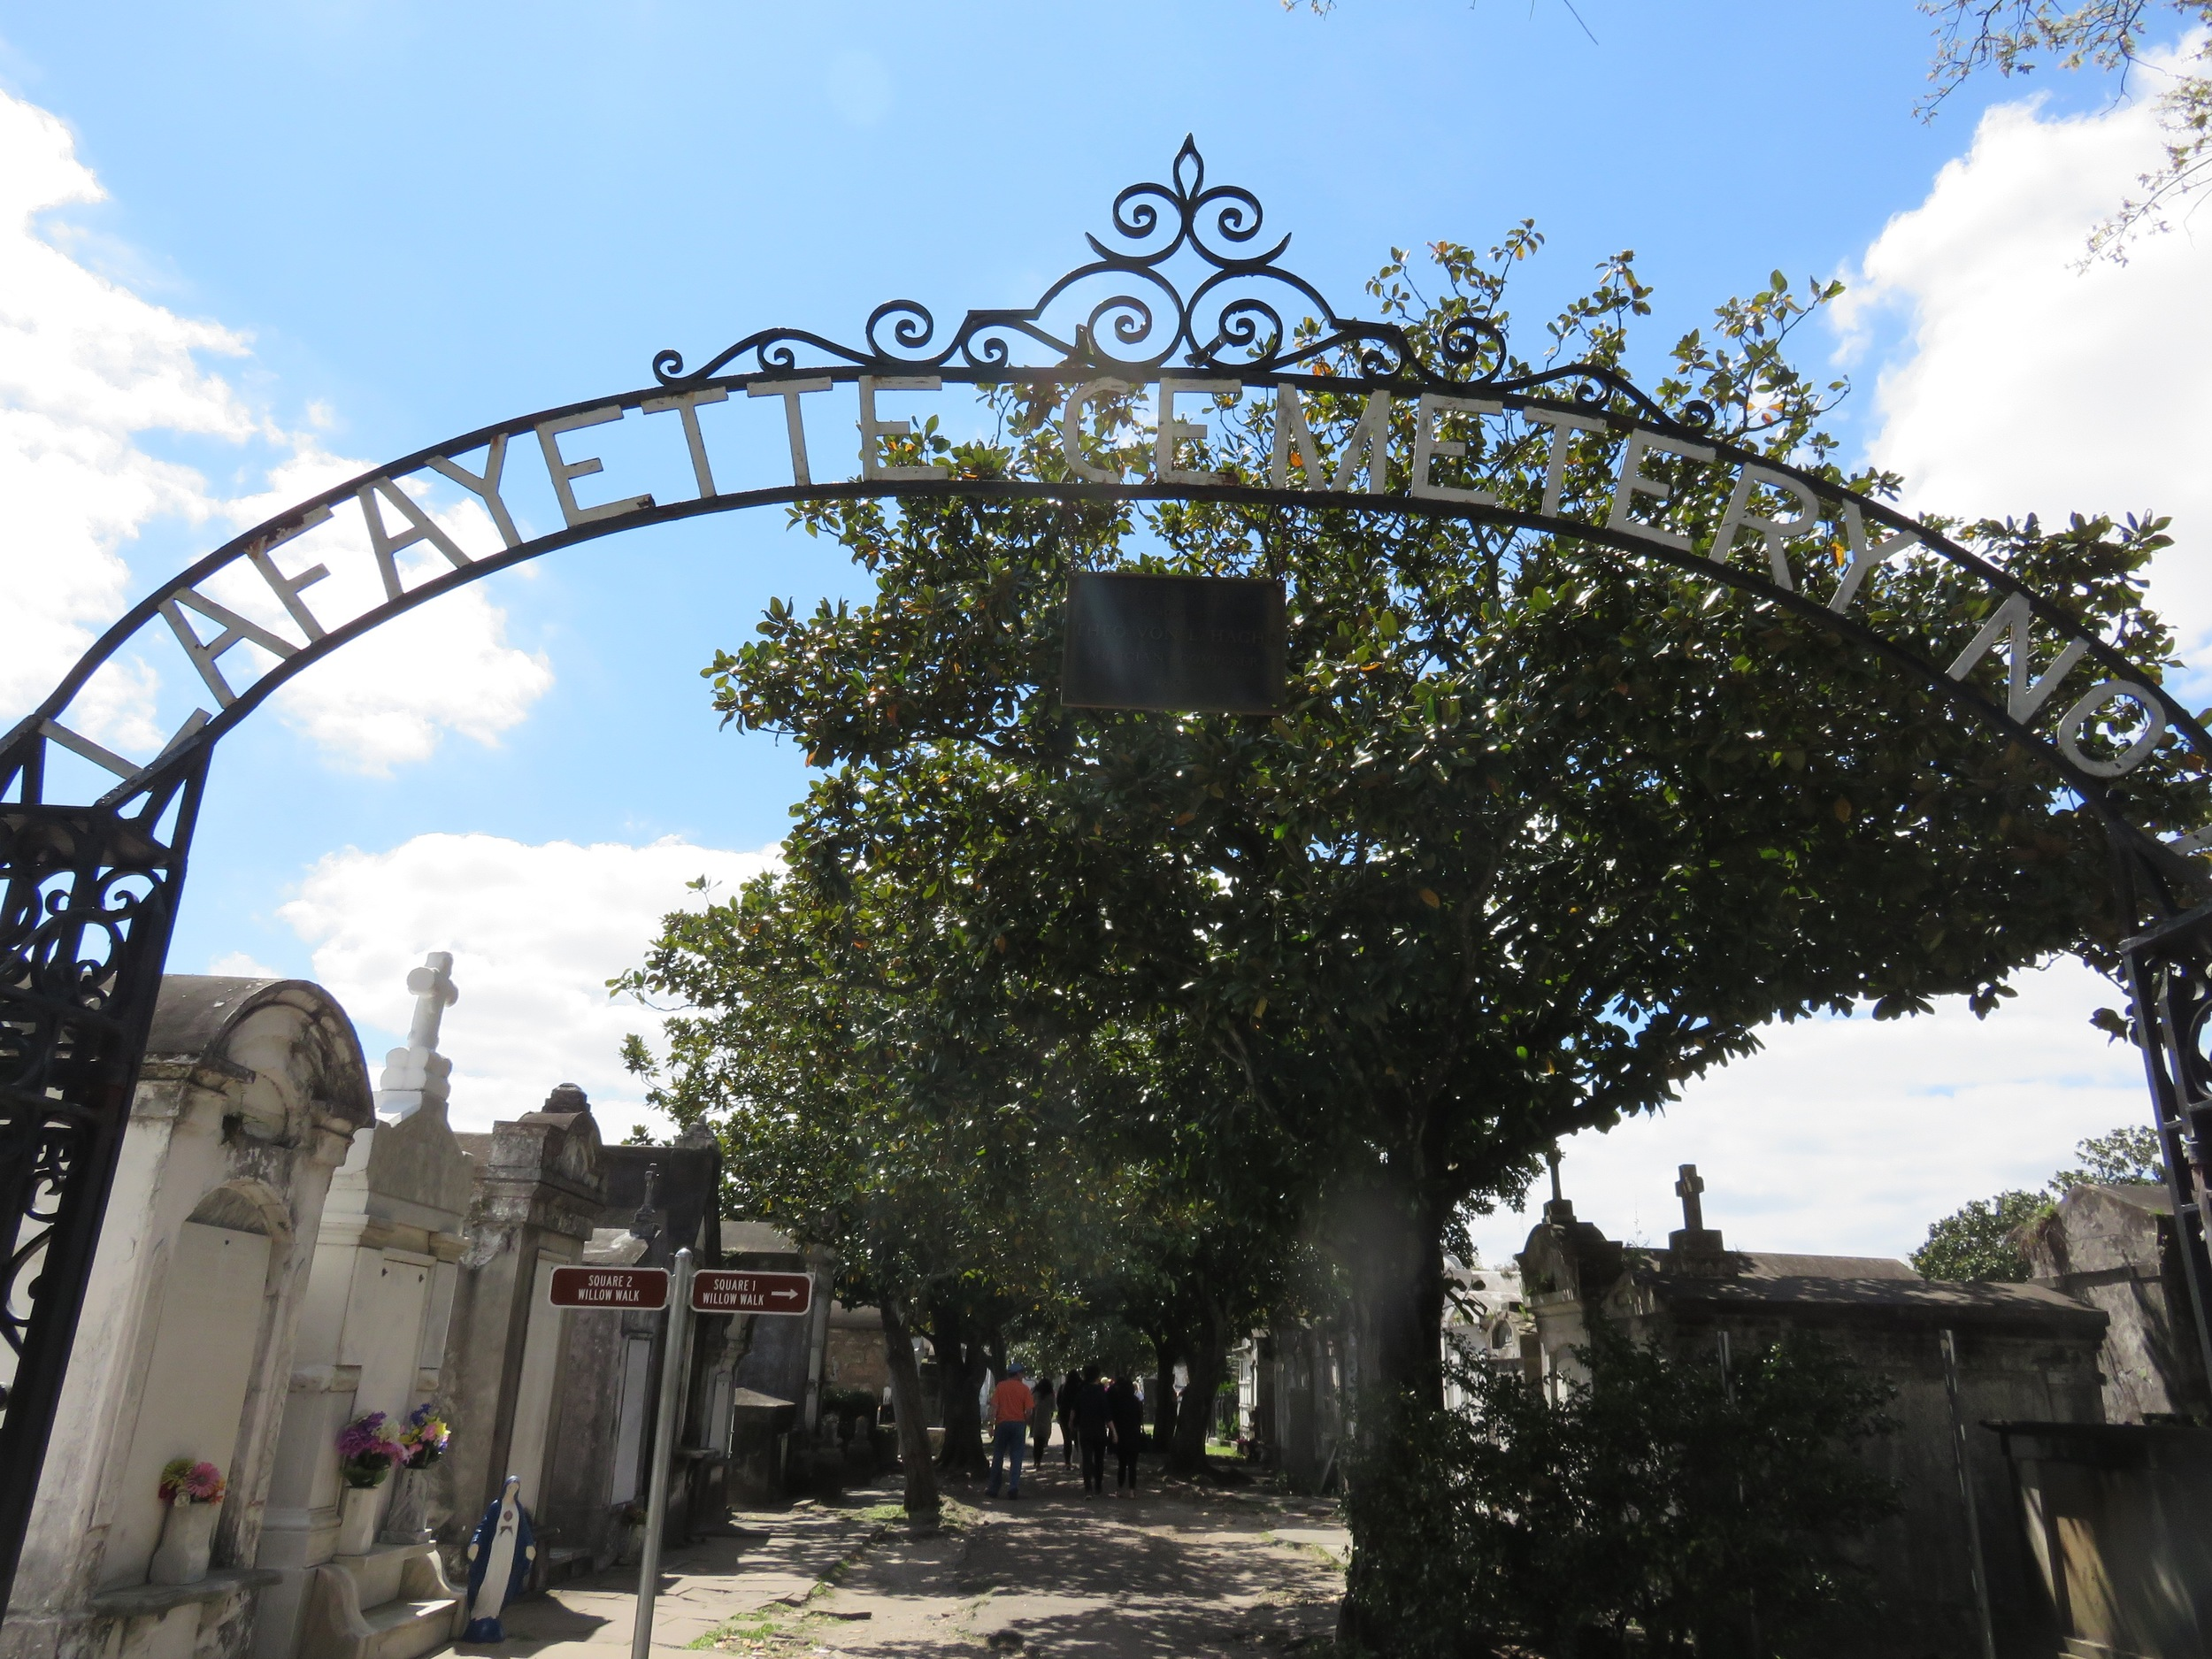 Lafayette Cemetery, Garden District, New Orleans.